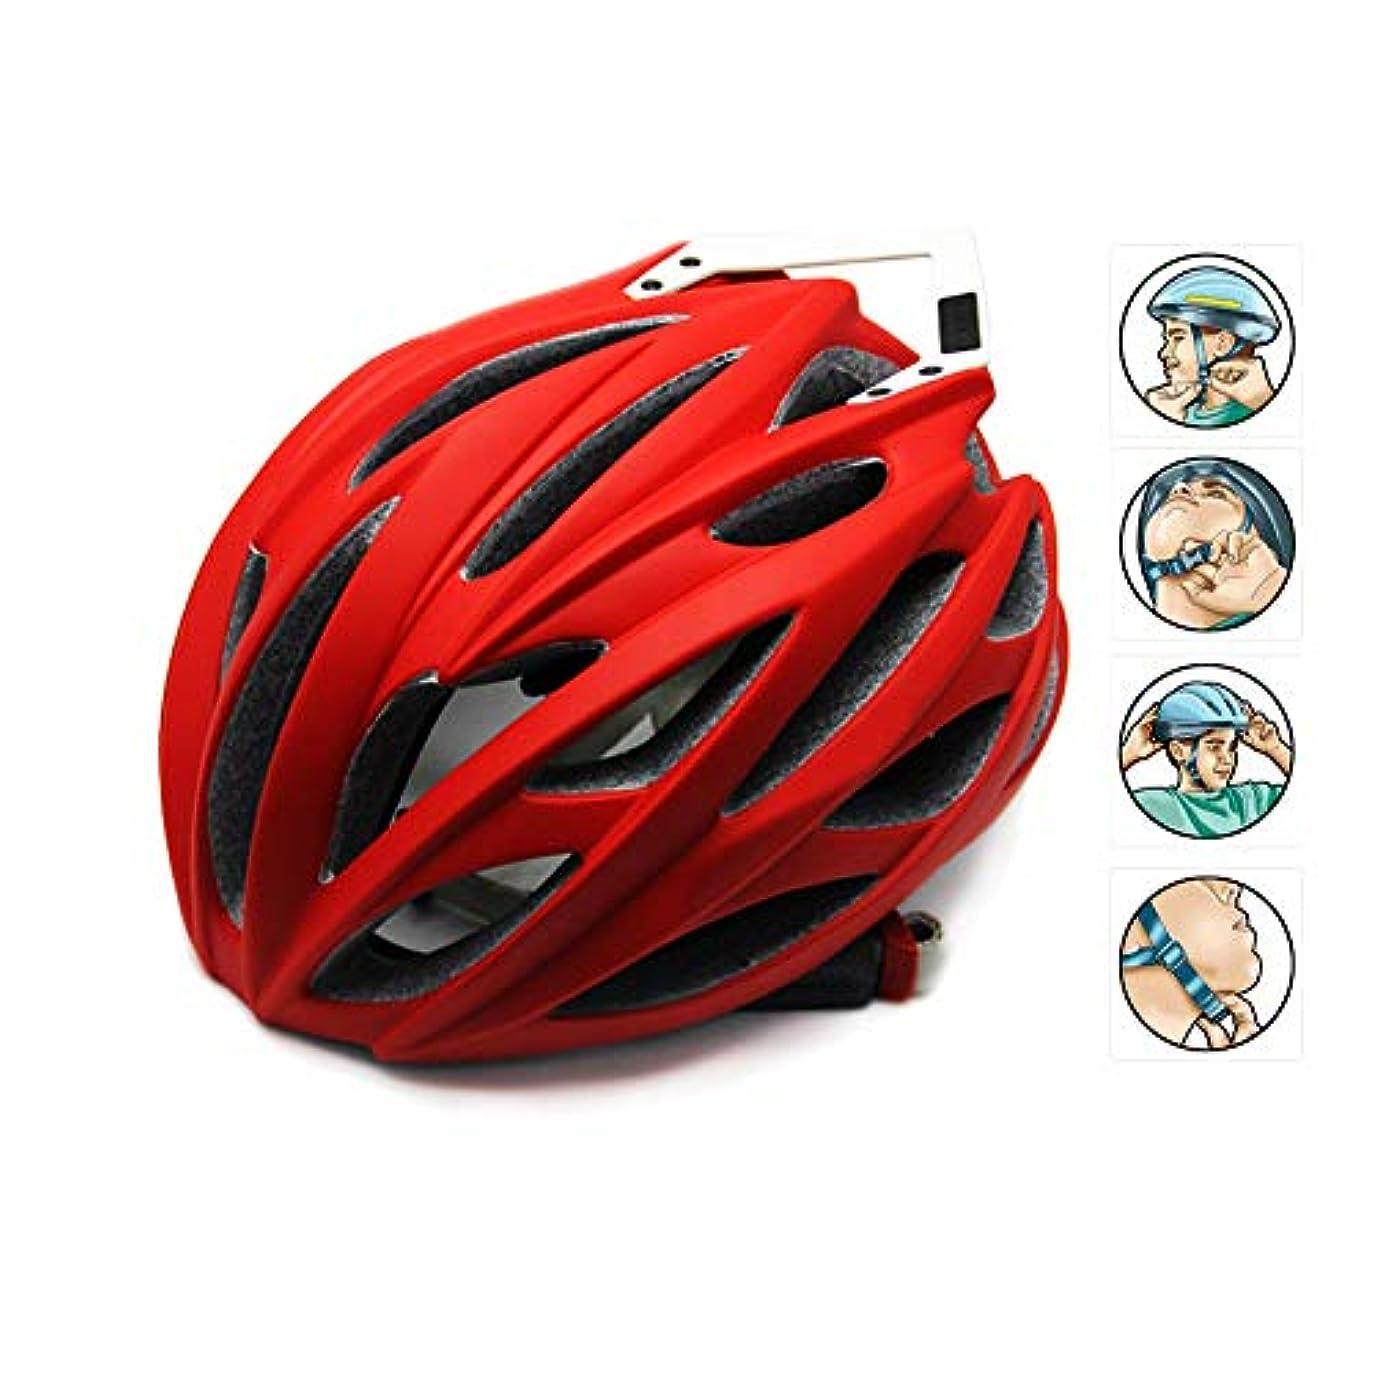 シアー満足ファンド屋外用サイクリングハット/自転車用安全ヘルメット/キールヘルメット/道路、山、自転車用ヘルメット/テール付き安全ヘルメット